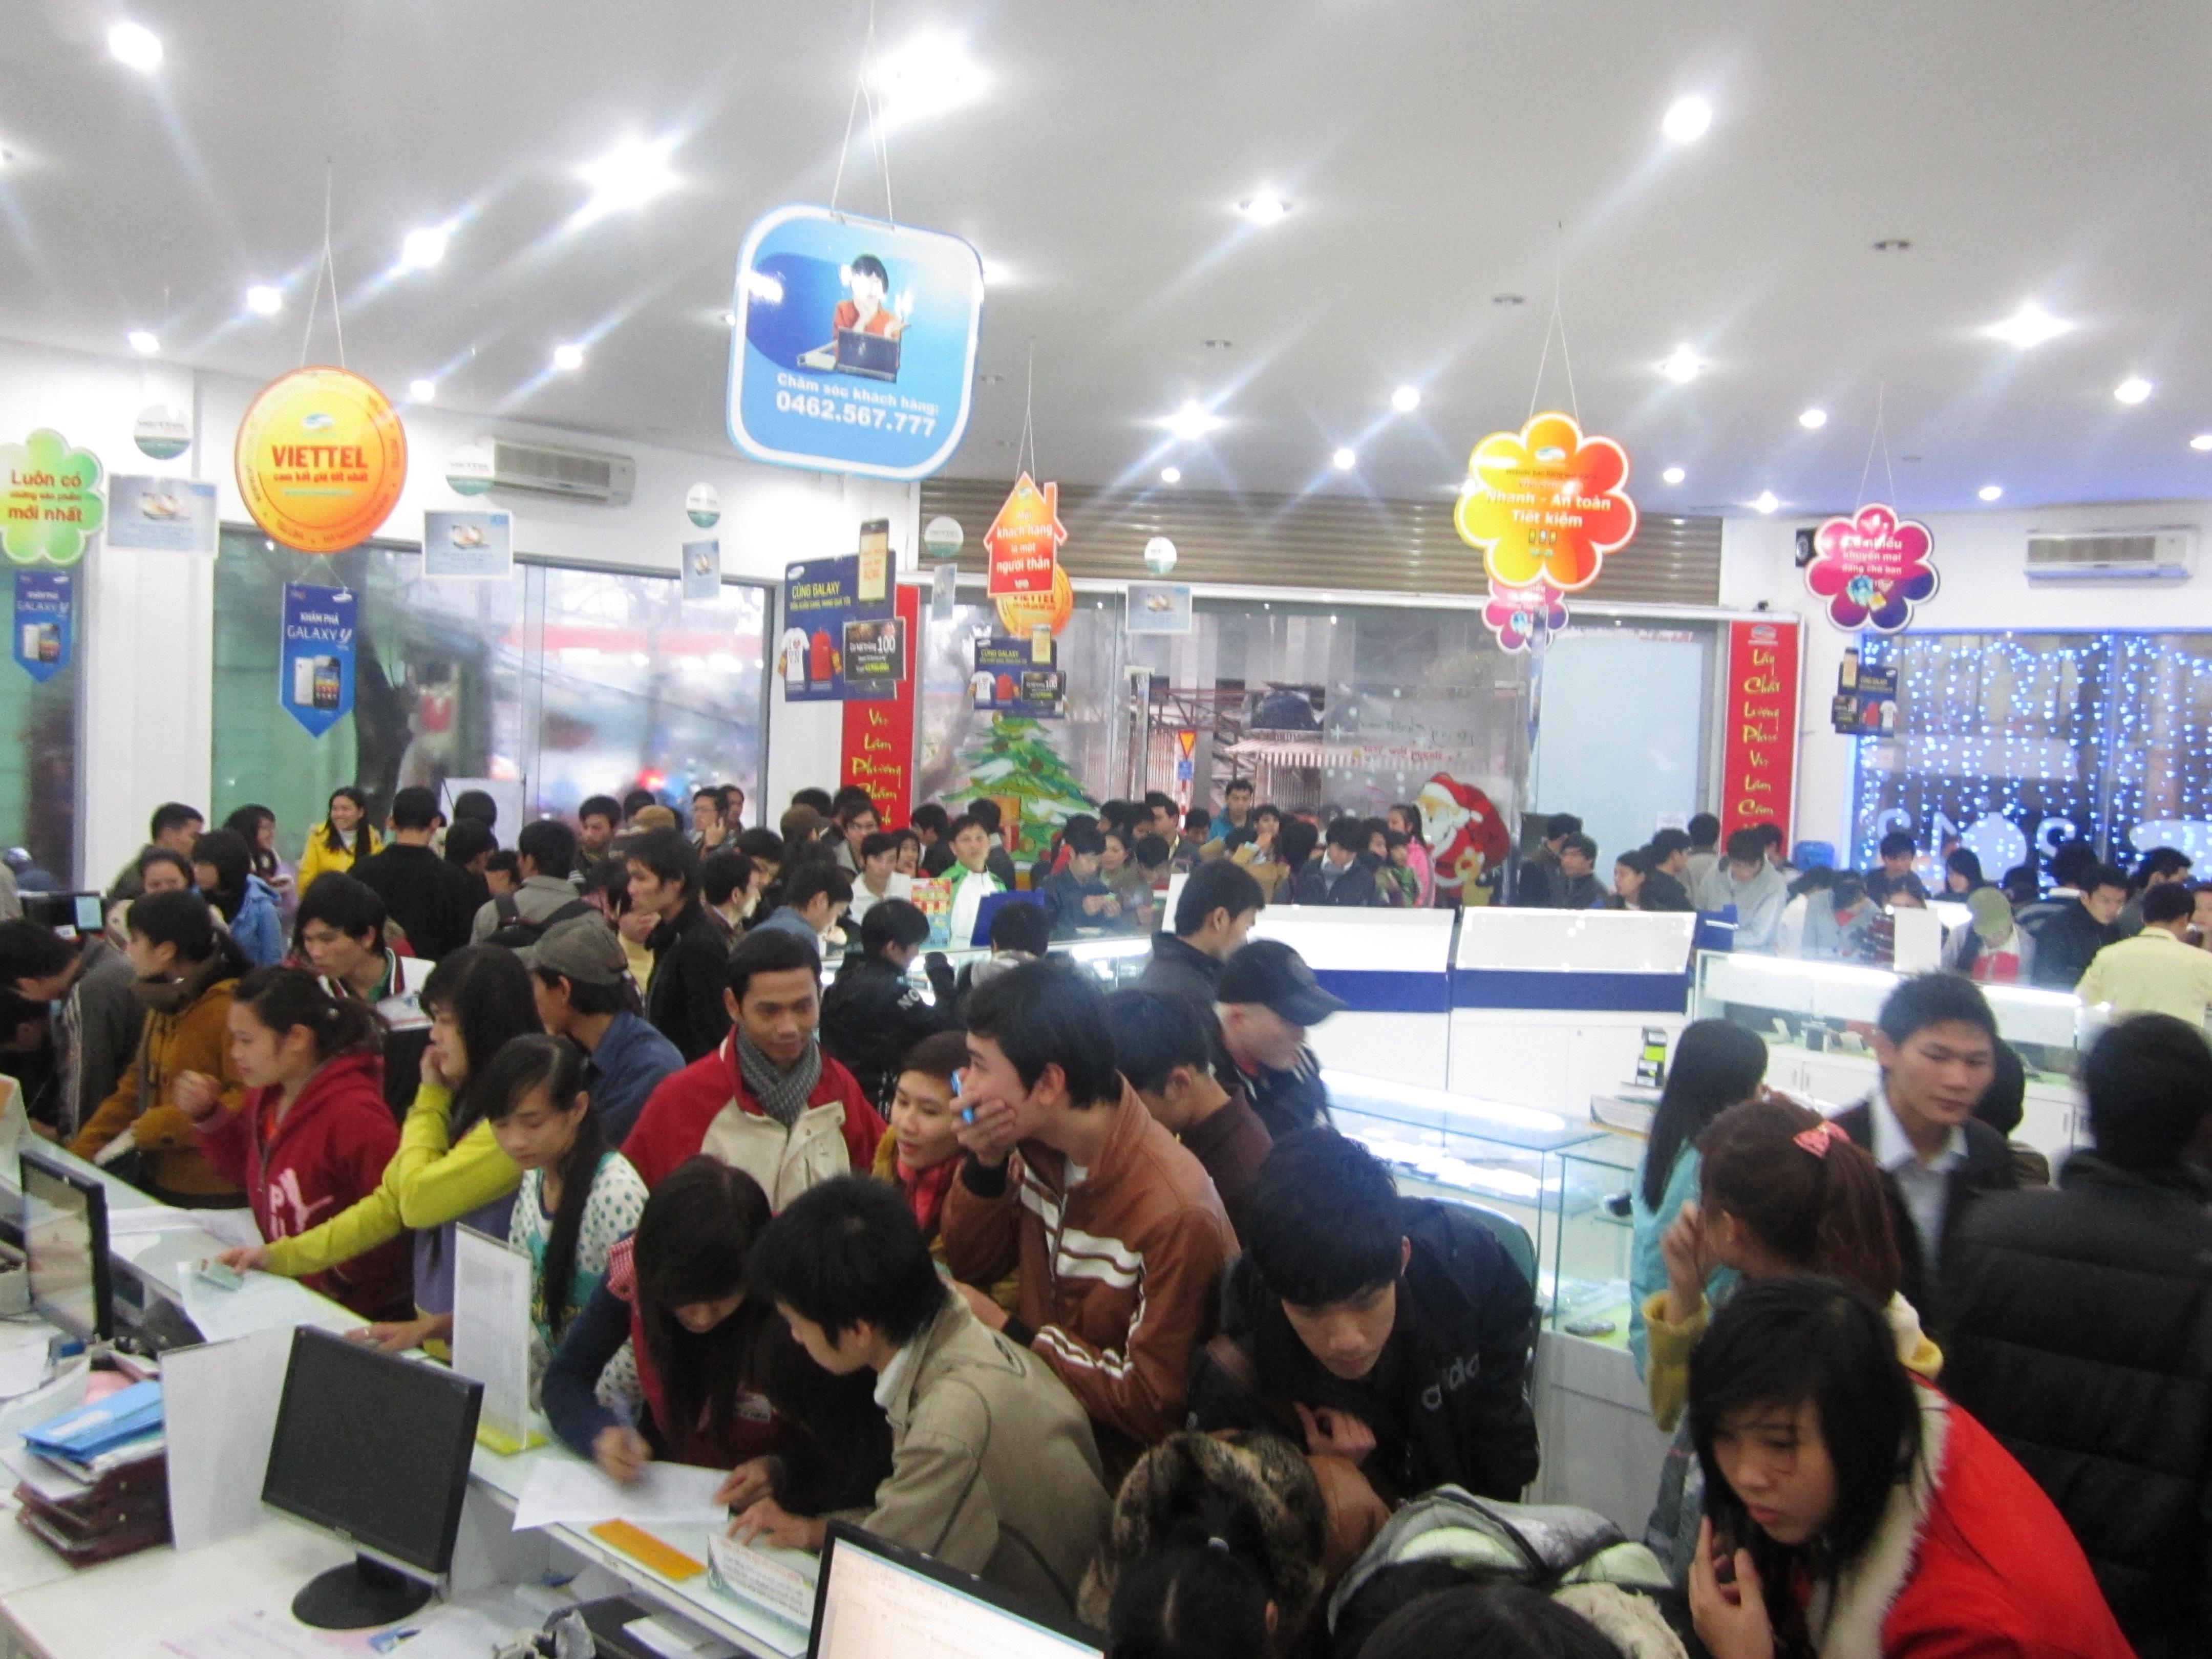 Chúc mừng khách hàng may mắn được mua điện thoại Nokia 1280 với giá chỉ 99.000 đồng.